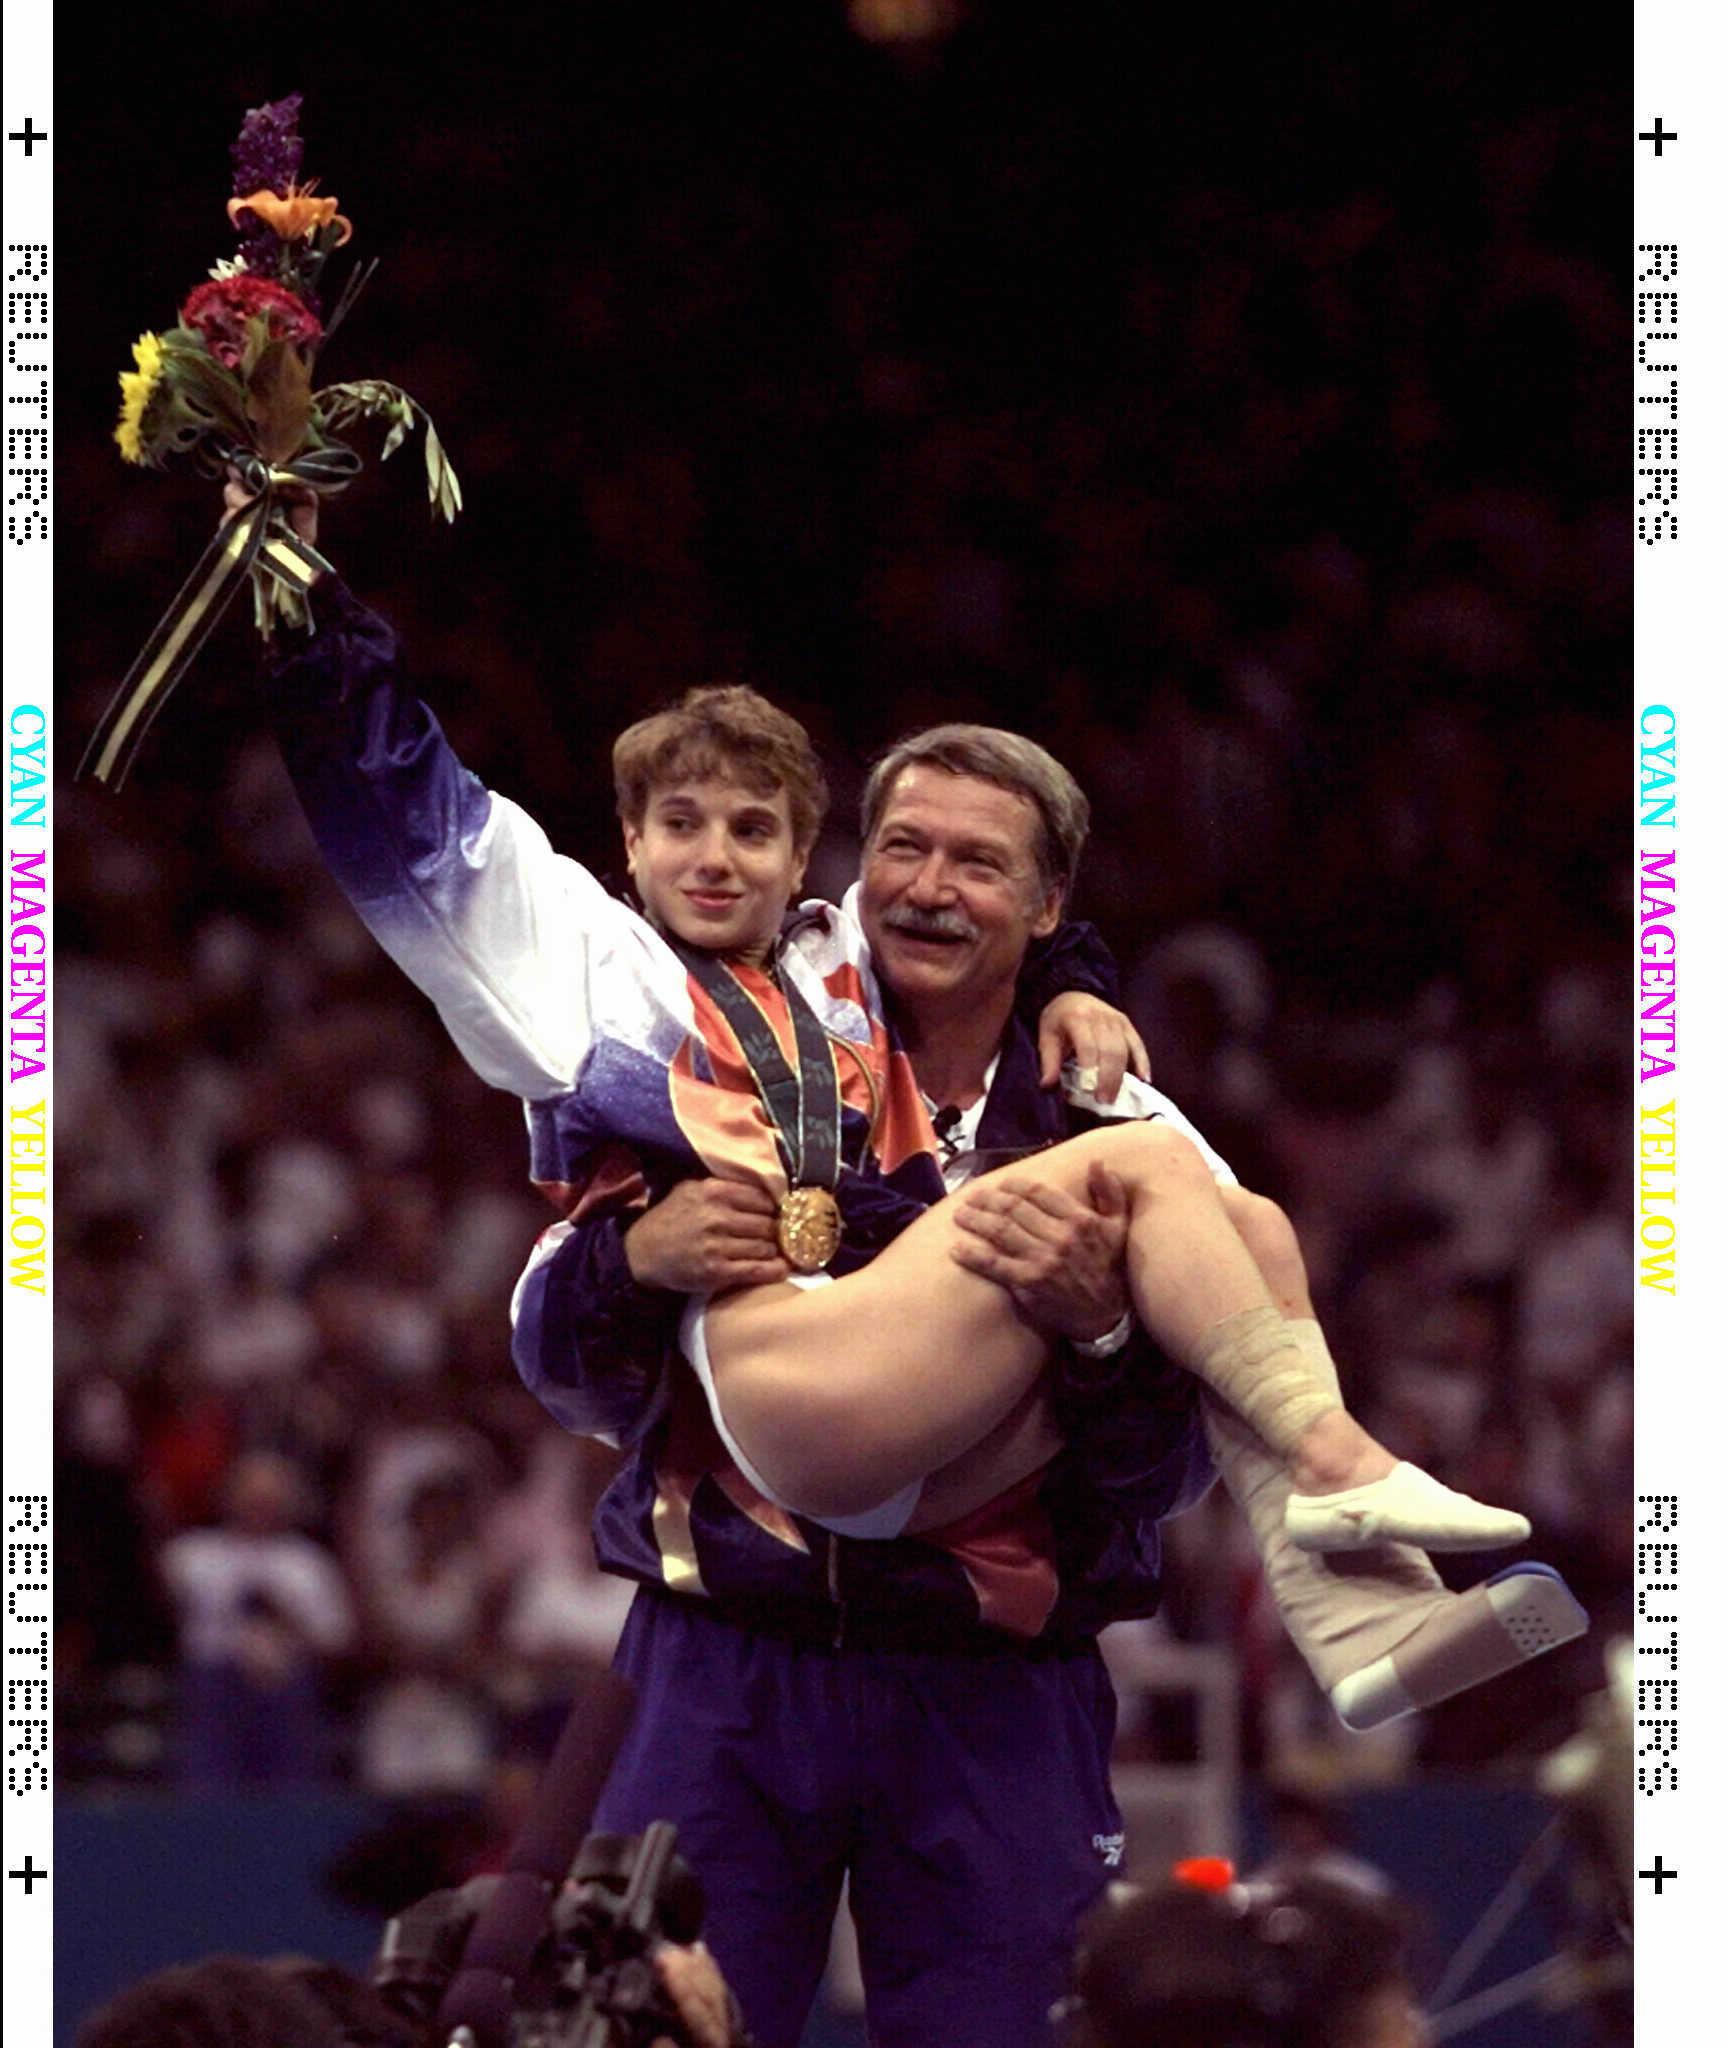 Béla Karolyi con Kerry Strug en brazos, tras ganar un oro en Atlanta 96.